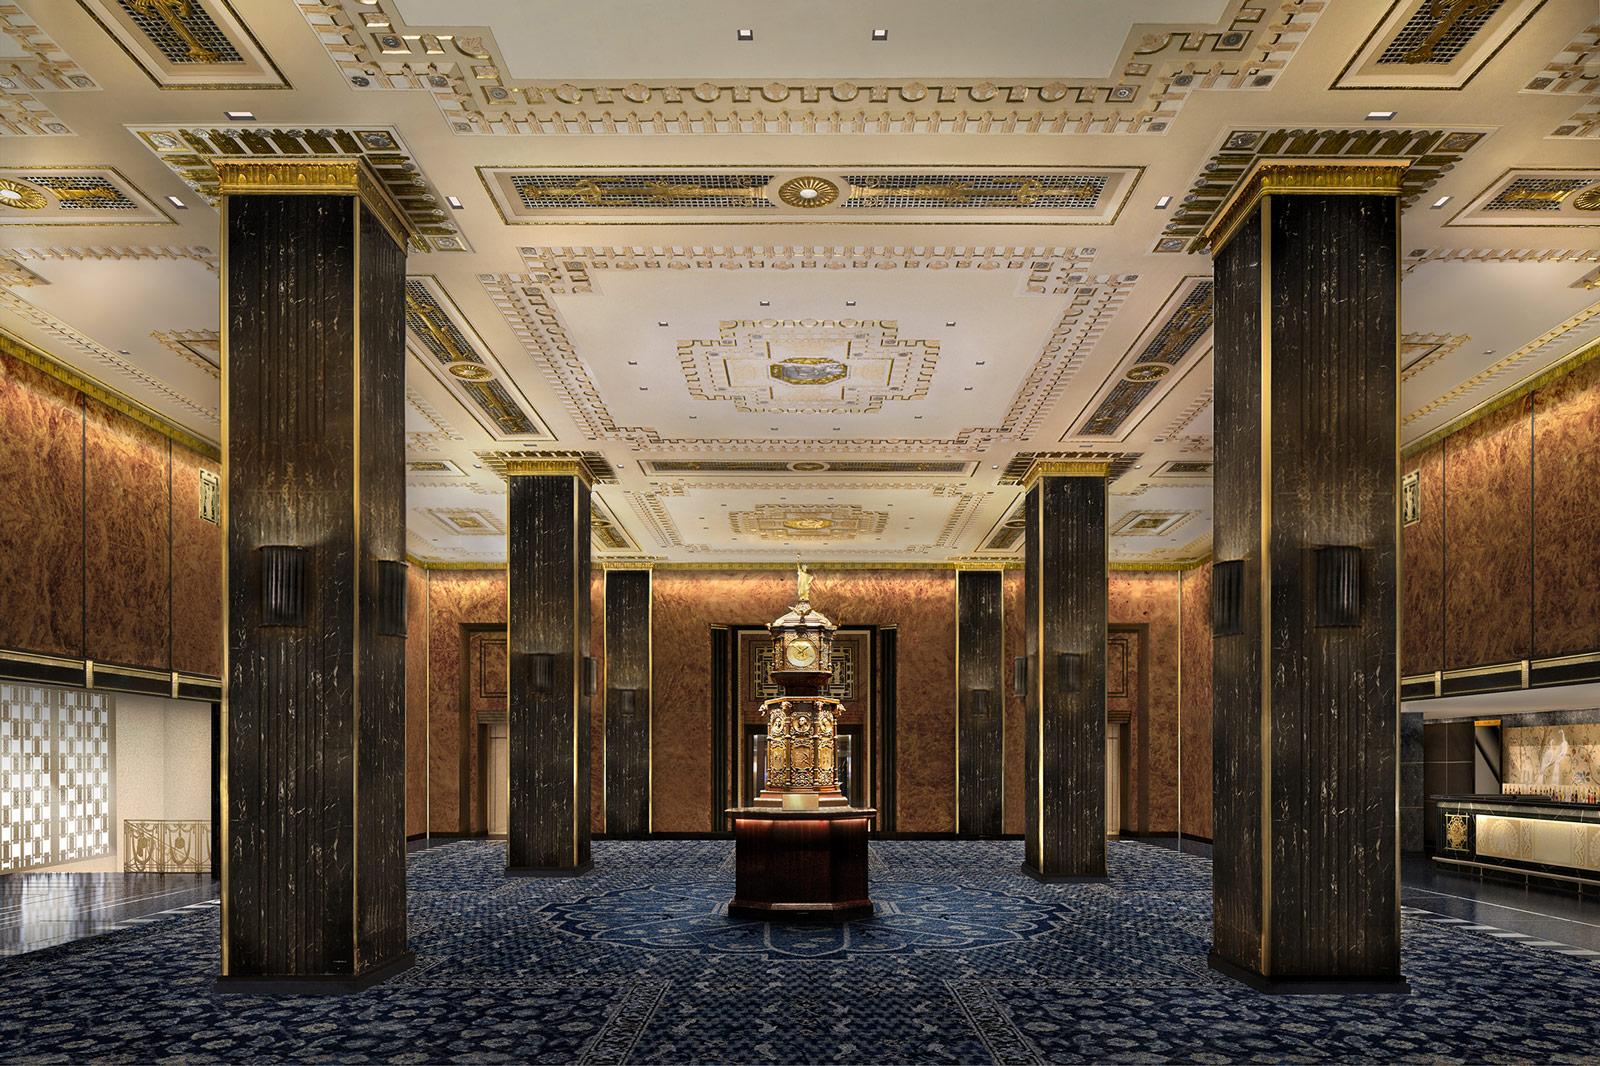 Renderings Released Of Waldorf Astoria Restoration